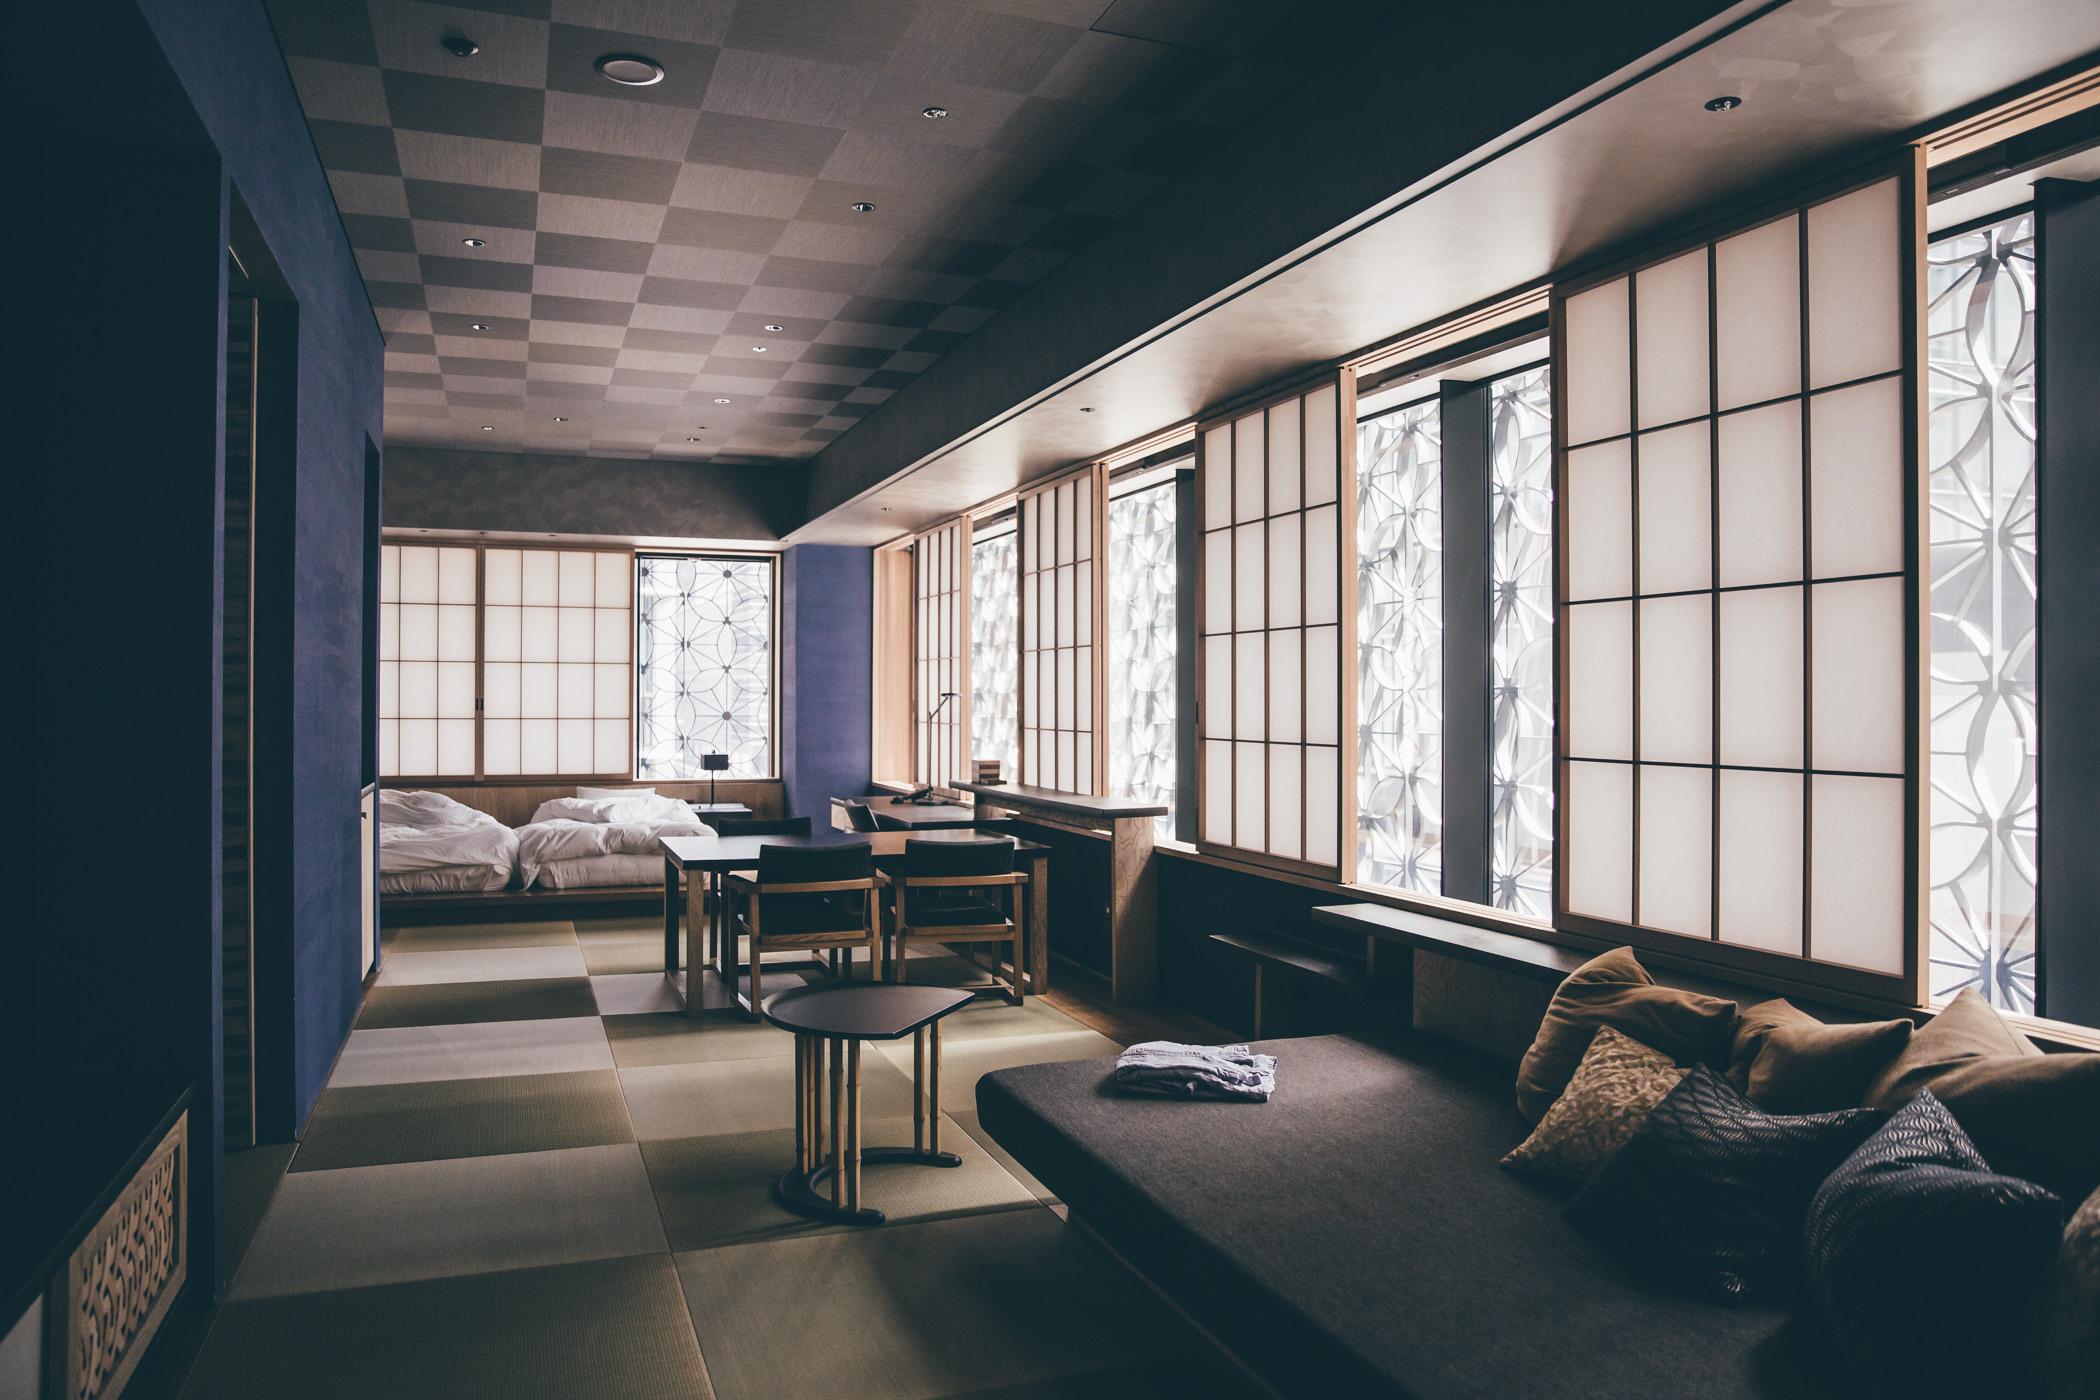 Hoshinoya Tokyo Kiku room